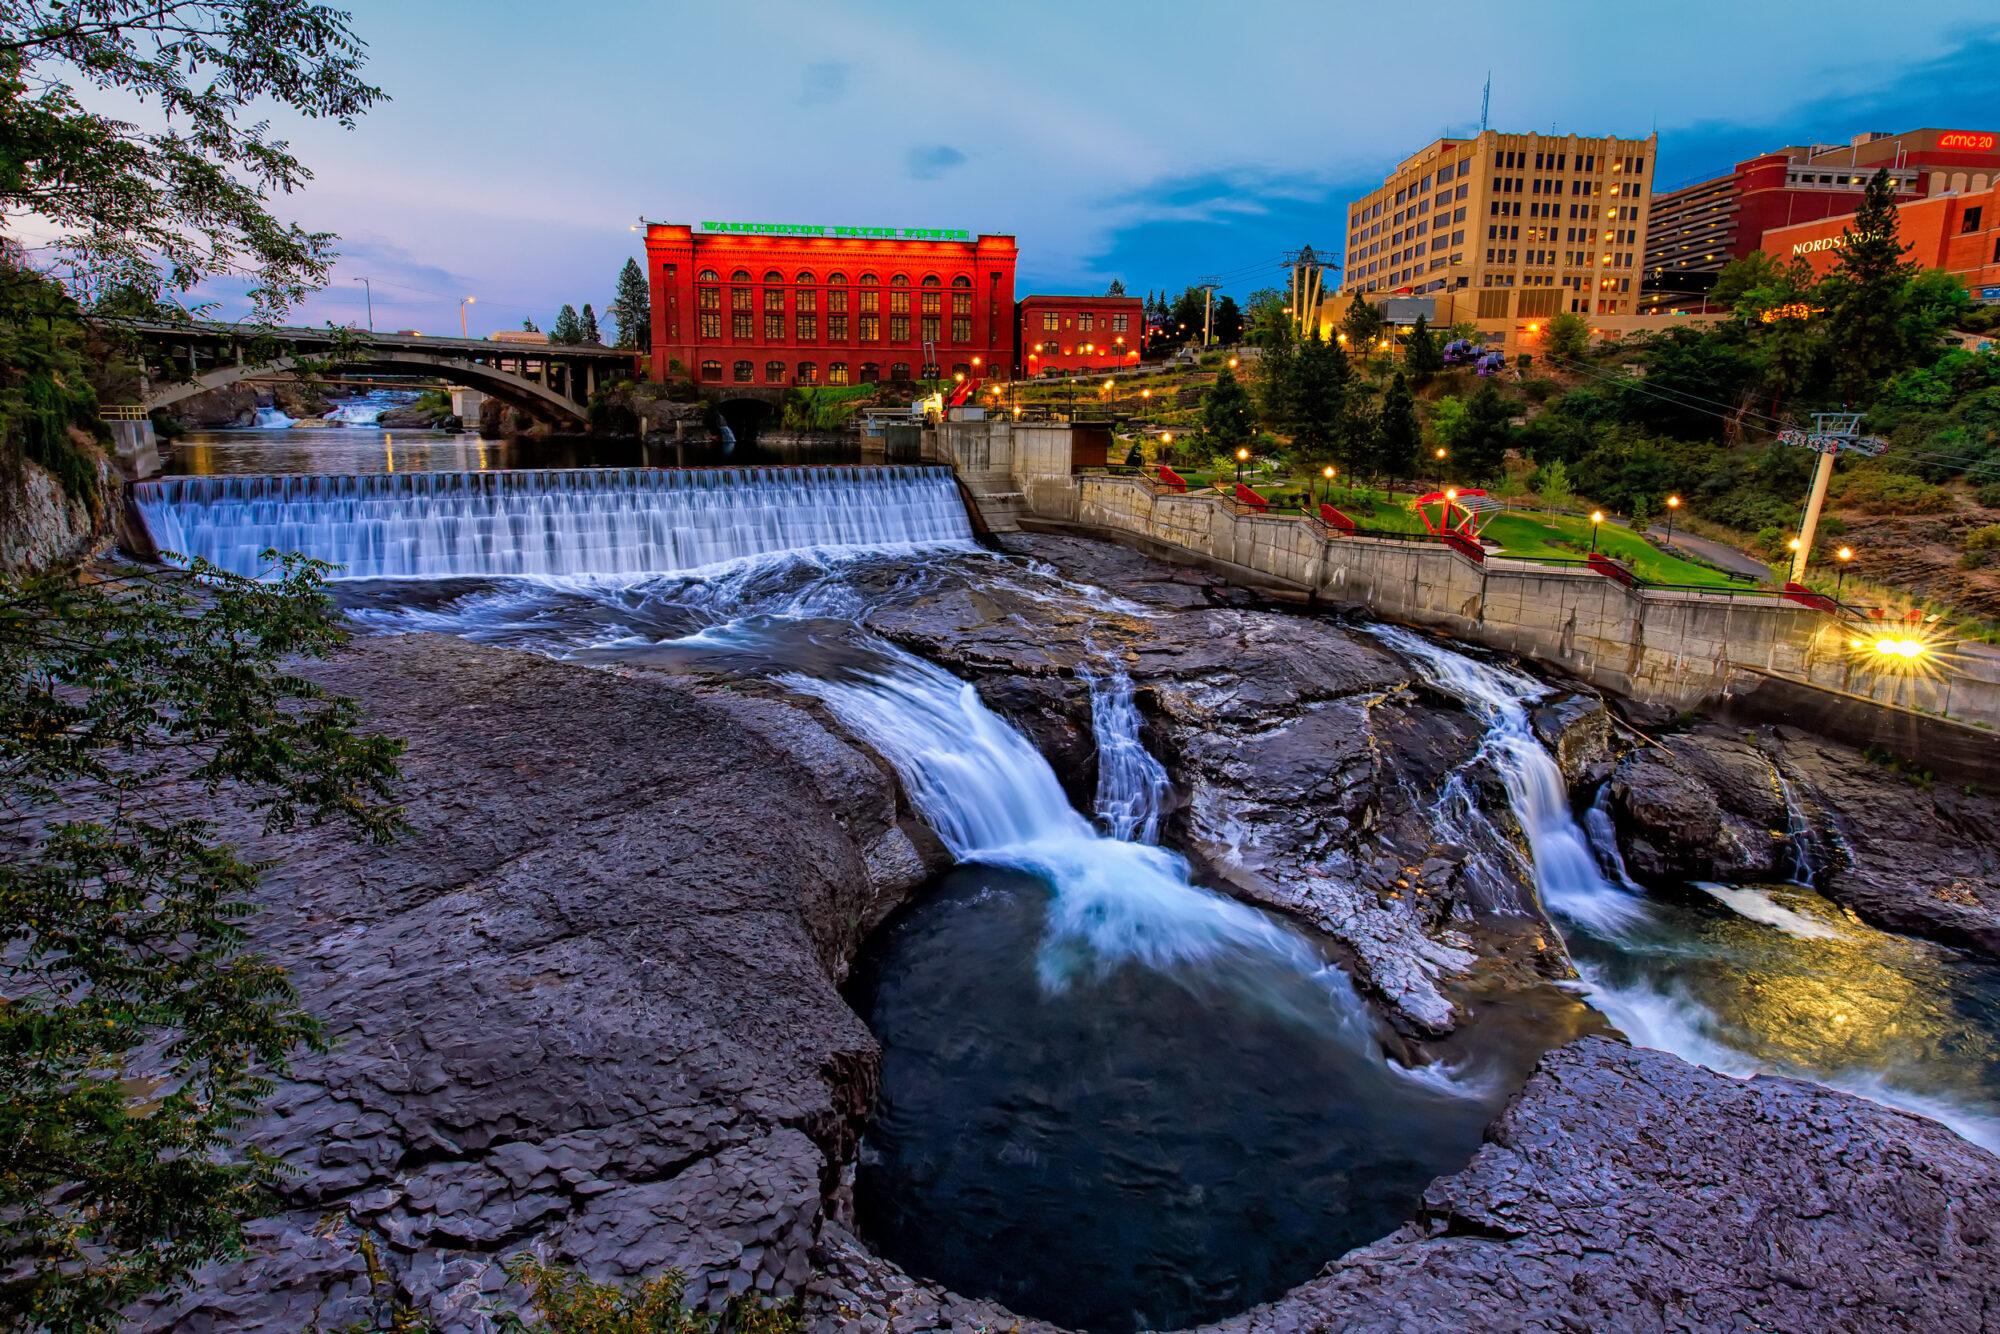 Downtown Spokane River Waterfalls